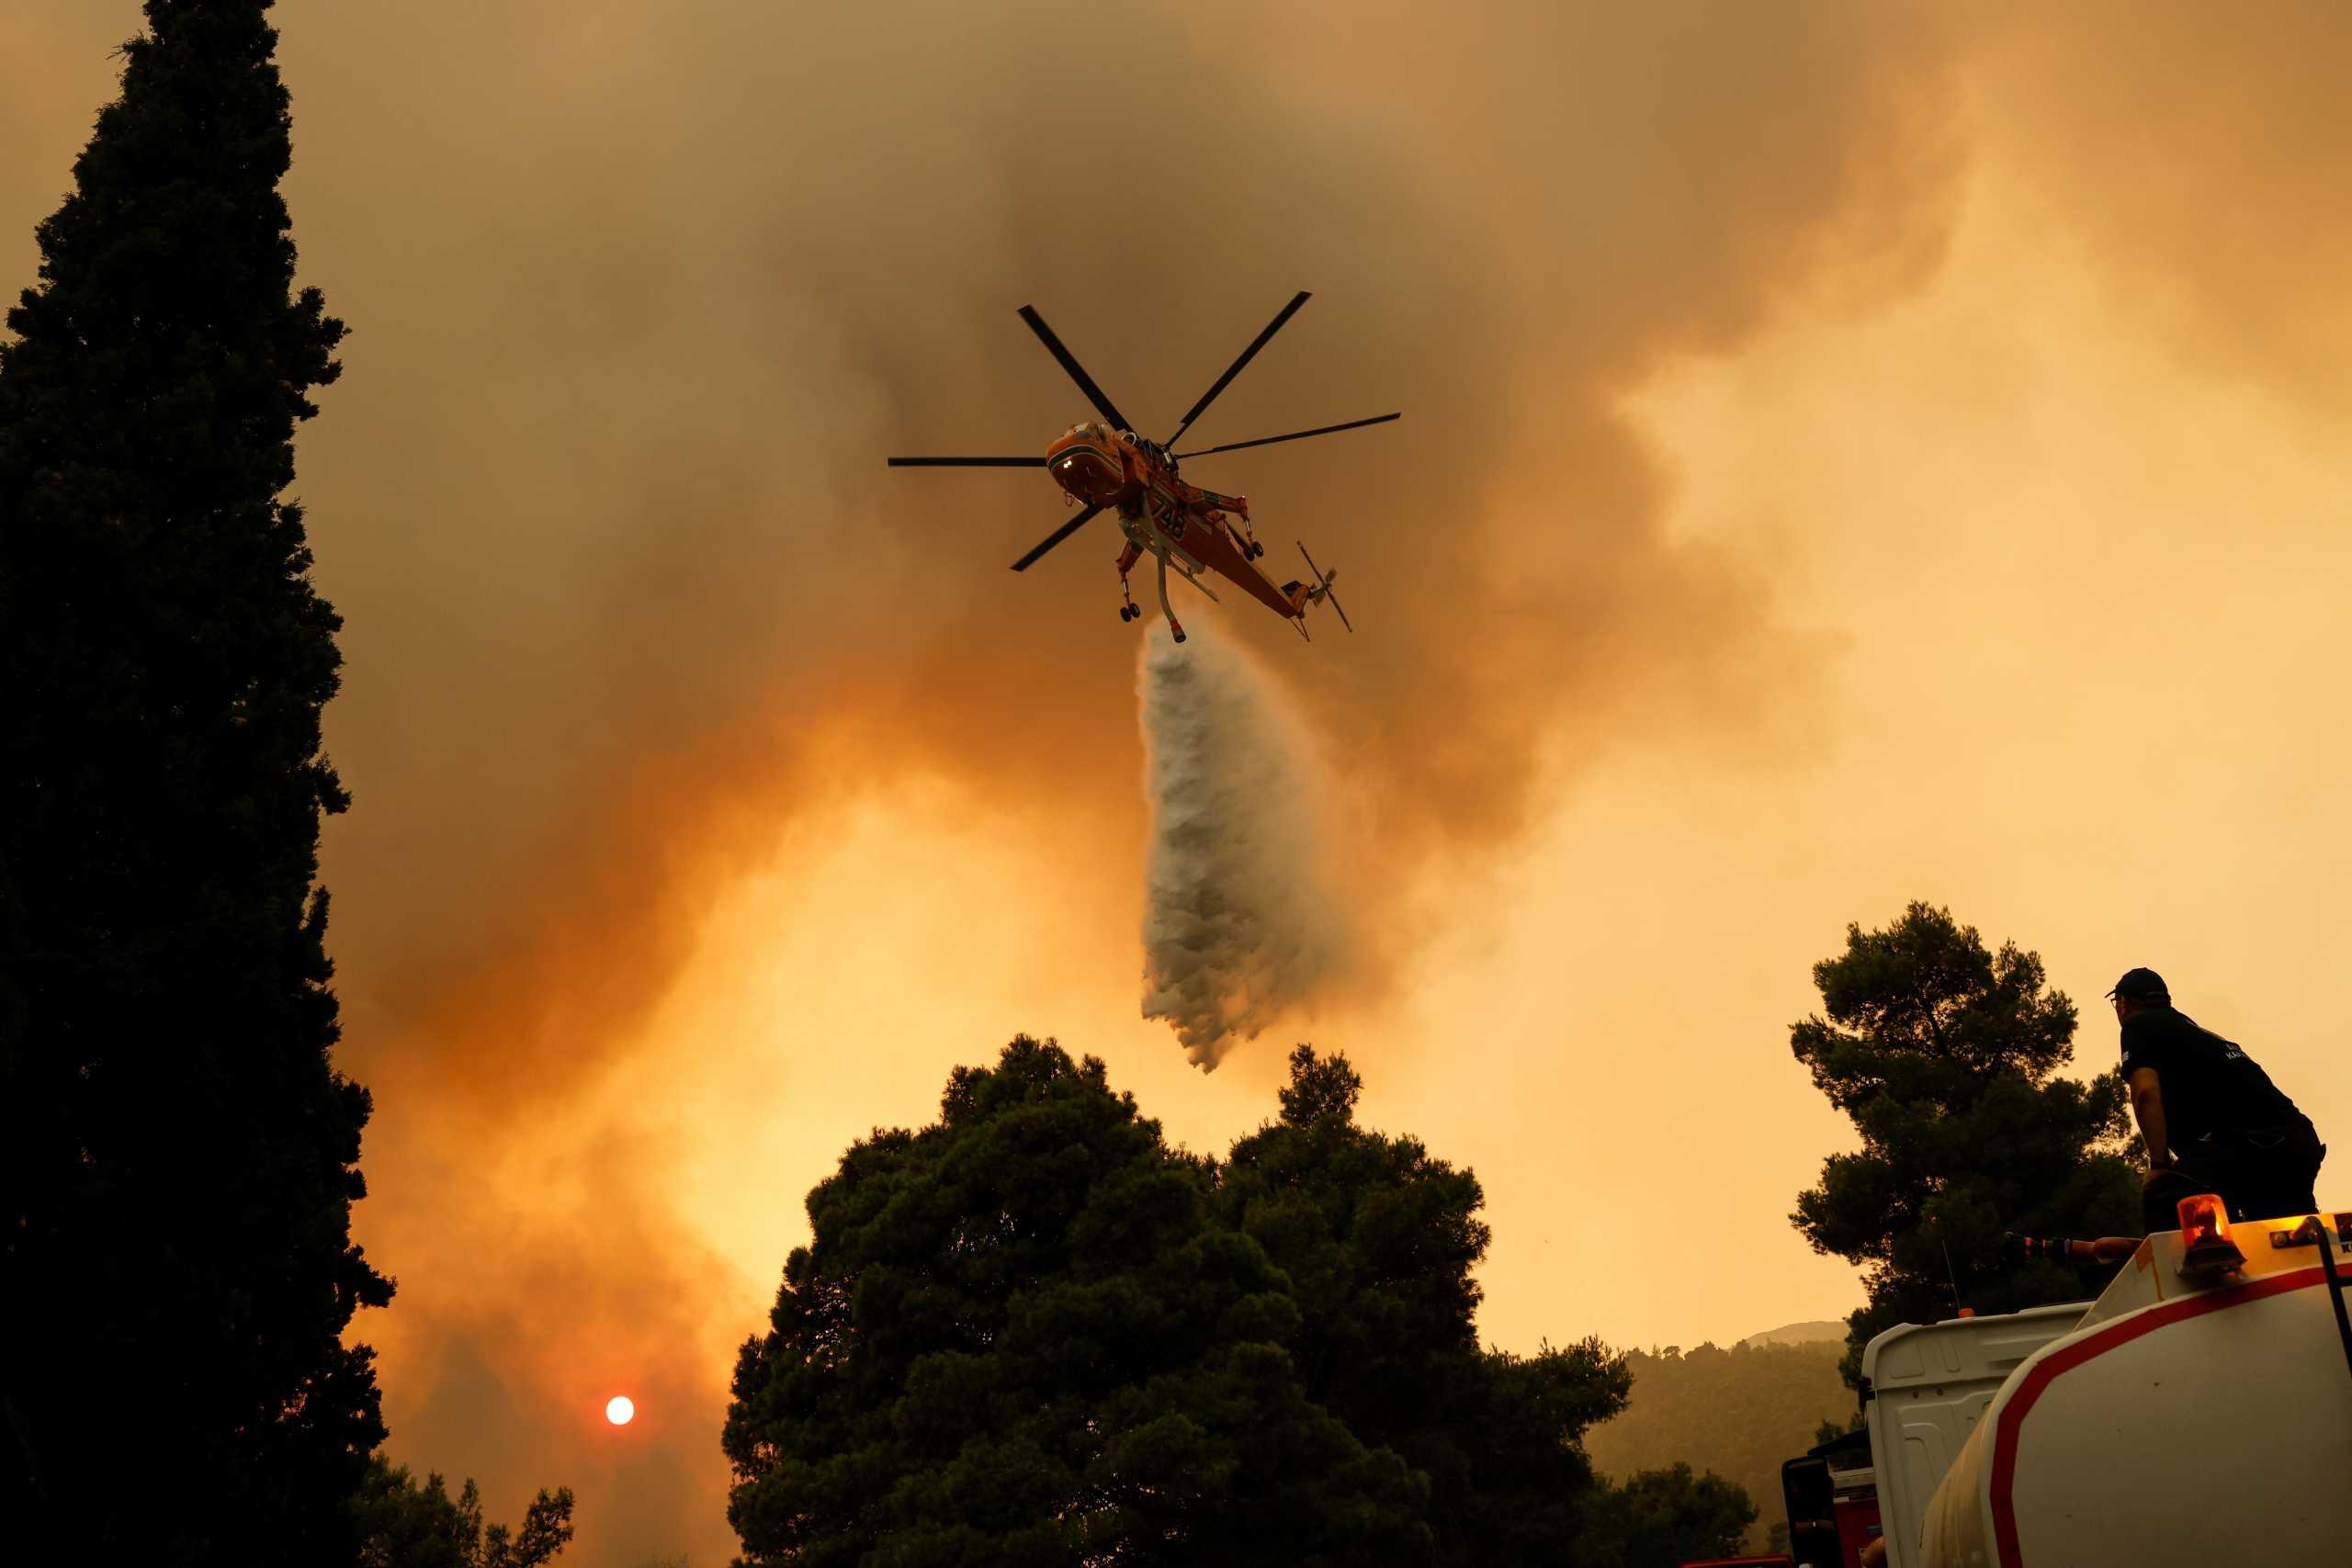 Φωτιές – Πολιτική Προστασία: Πού είναι πολύ υψηλός ο κίνδυνος την Πέμπτη 26/08